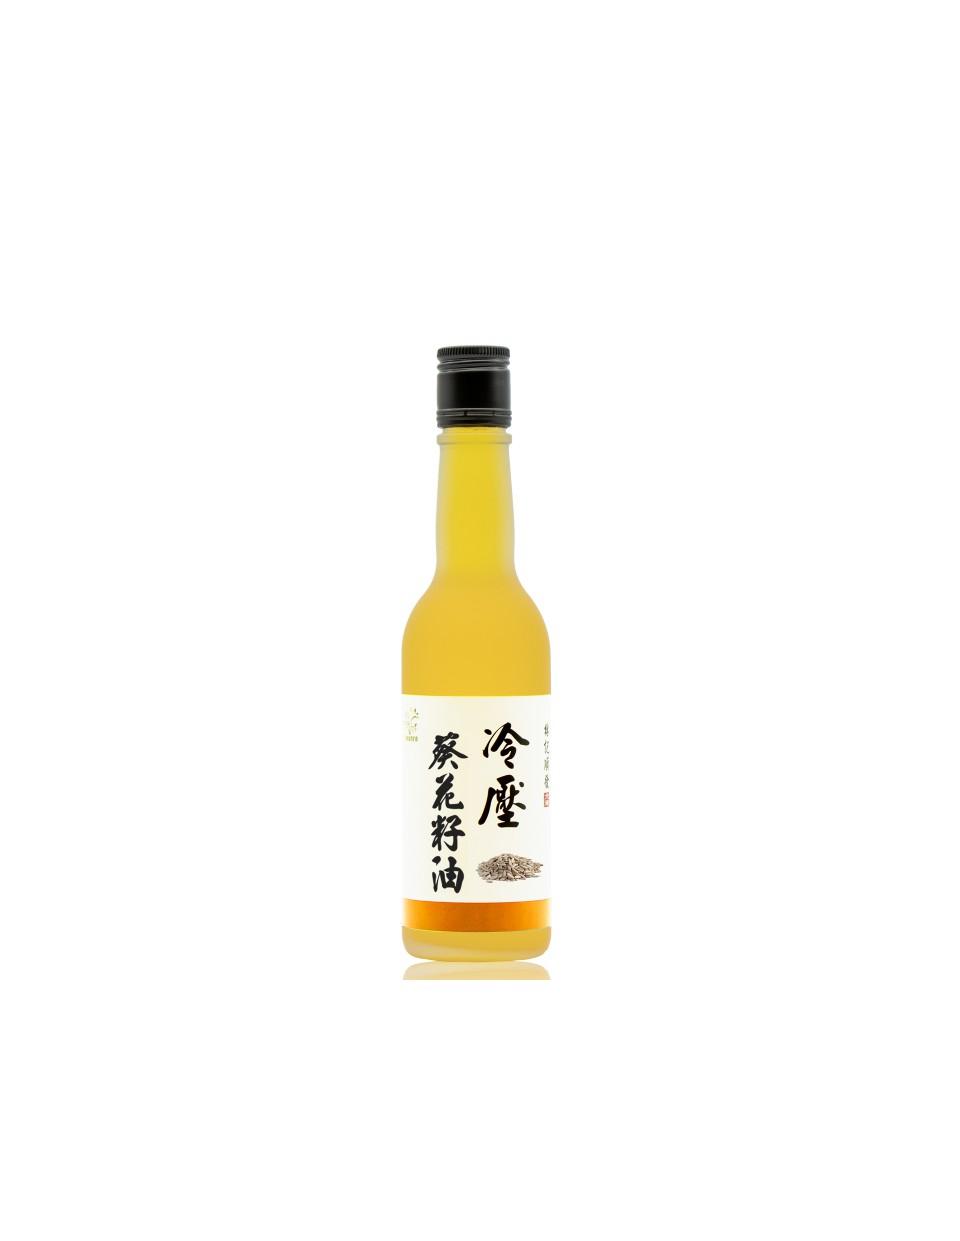 冷壓初榨葵花籽油 300ml